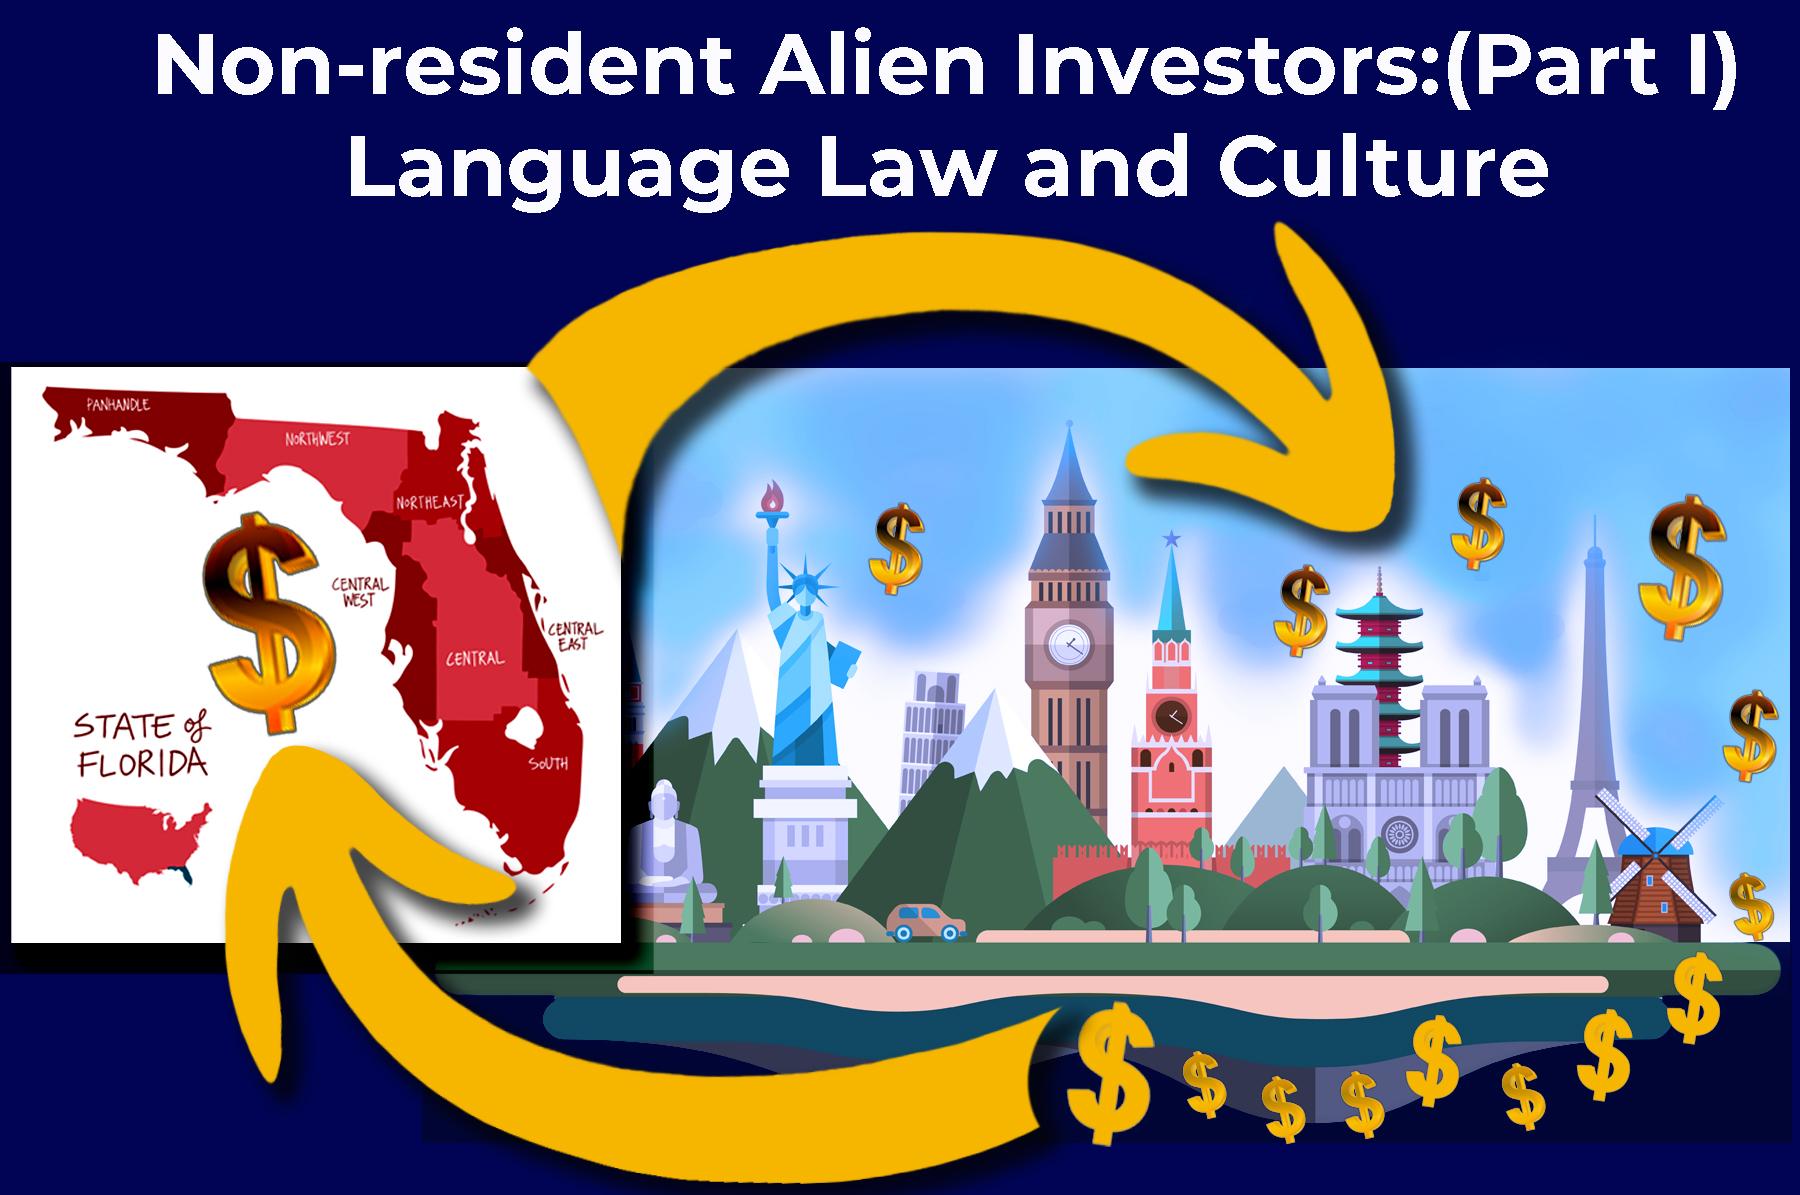 non-resident alien investors